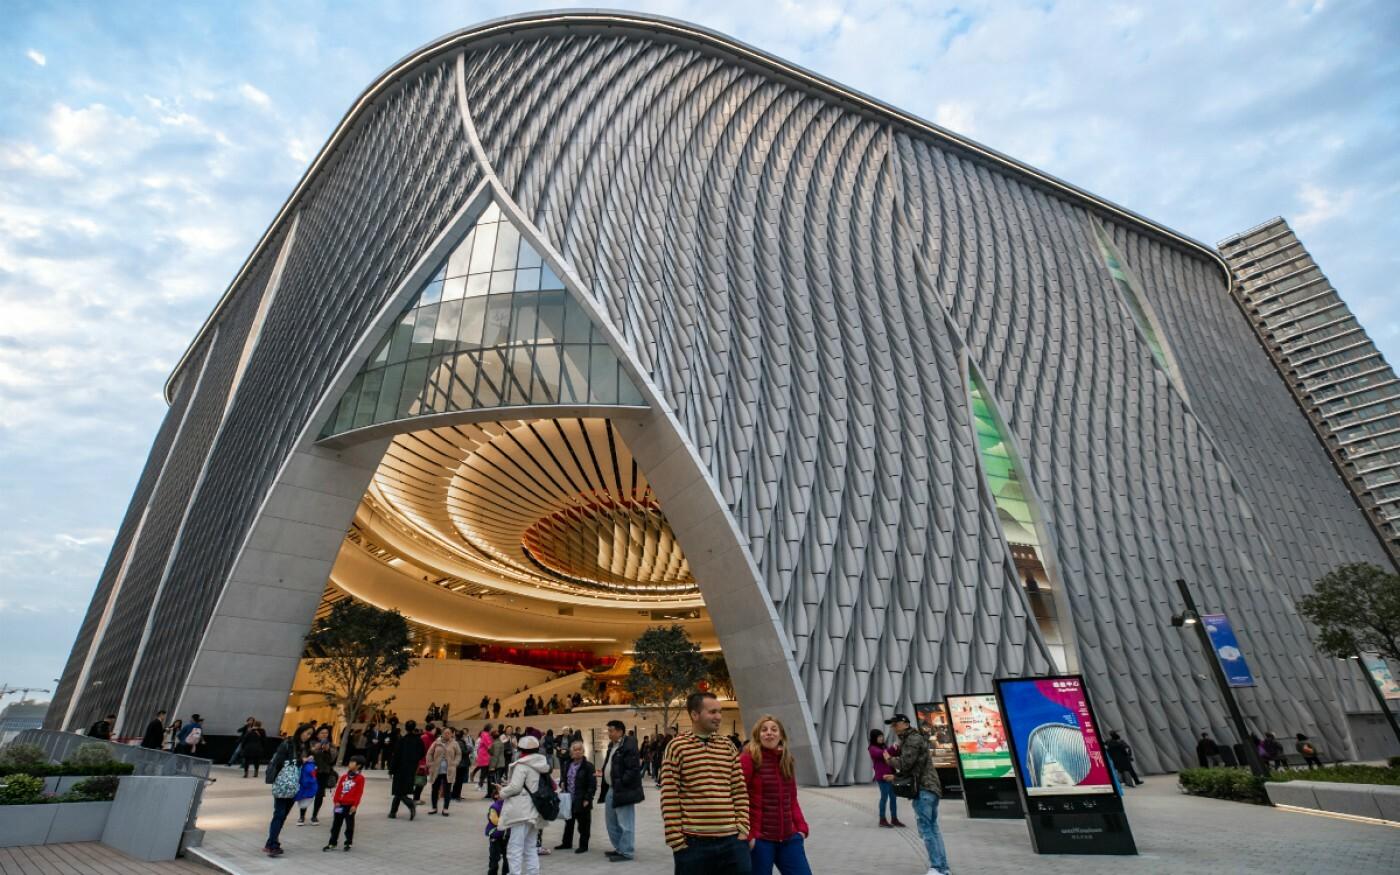 Xiqu Centre exterior